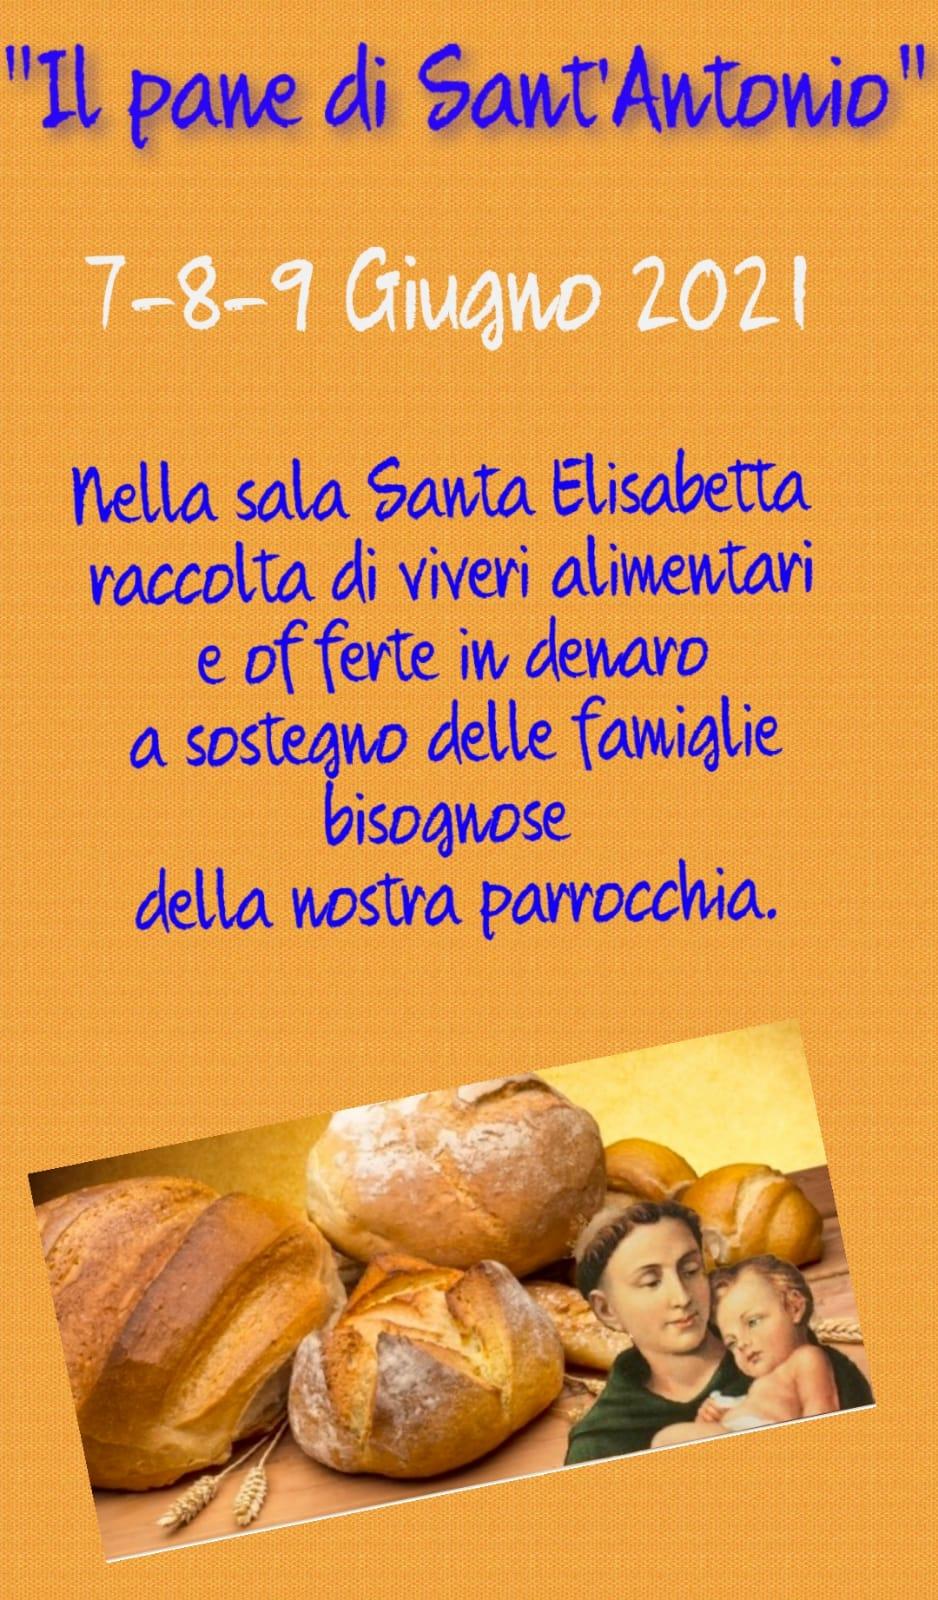 Pane di Sant'Antonio 2021